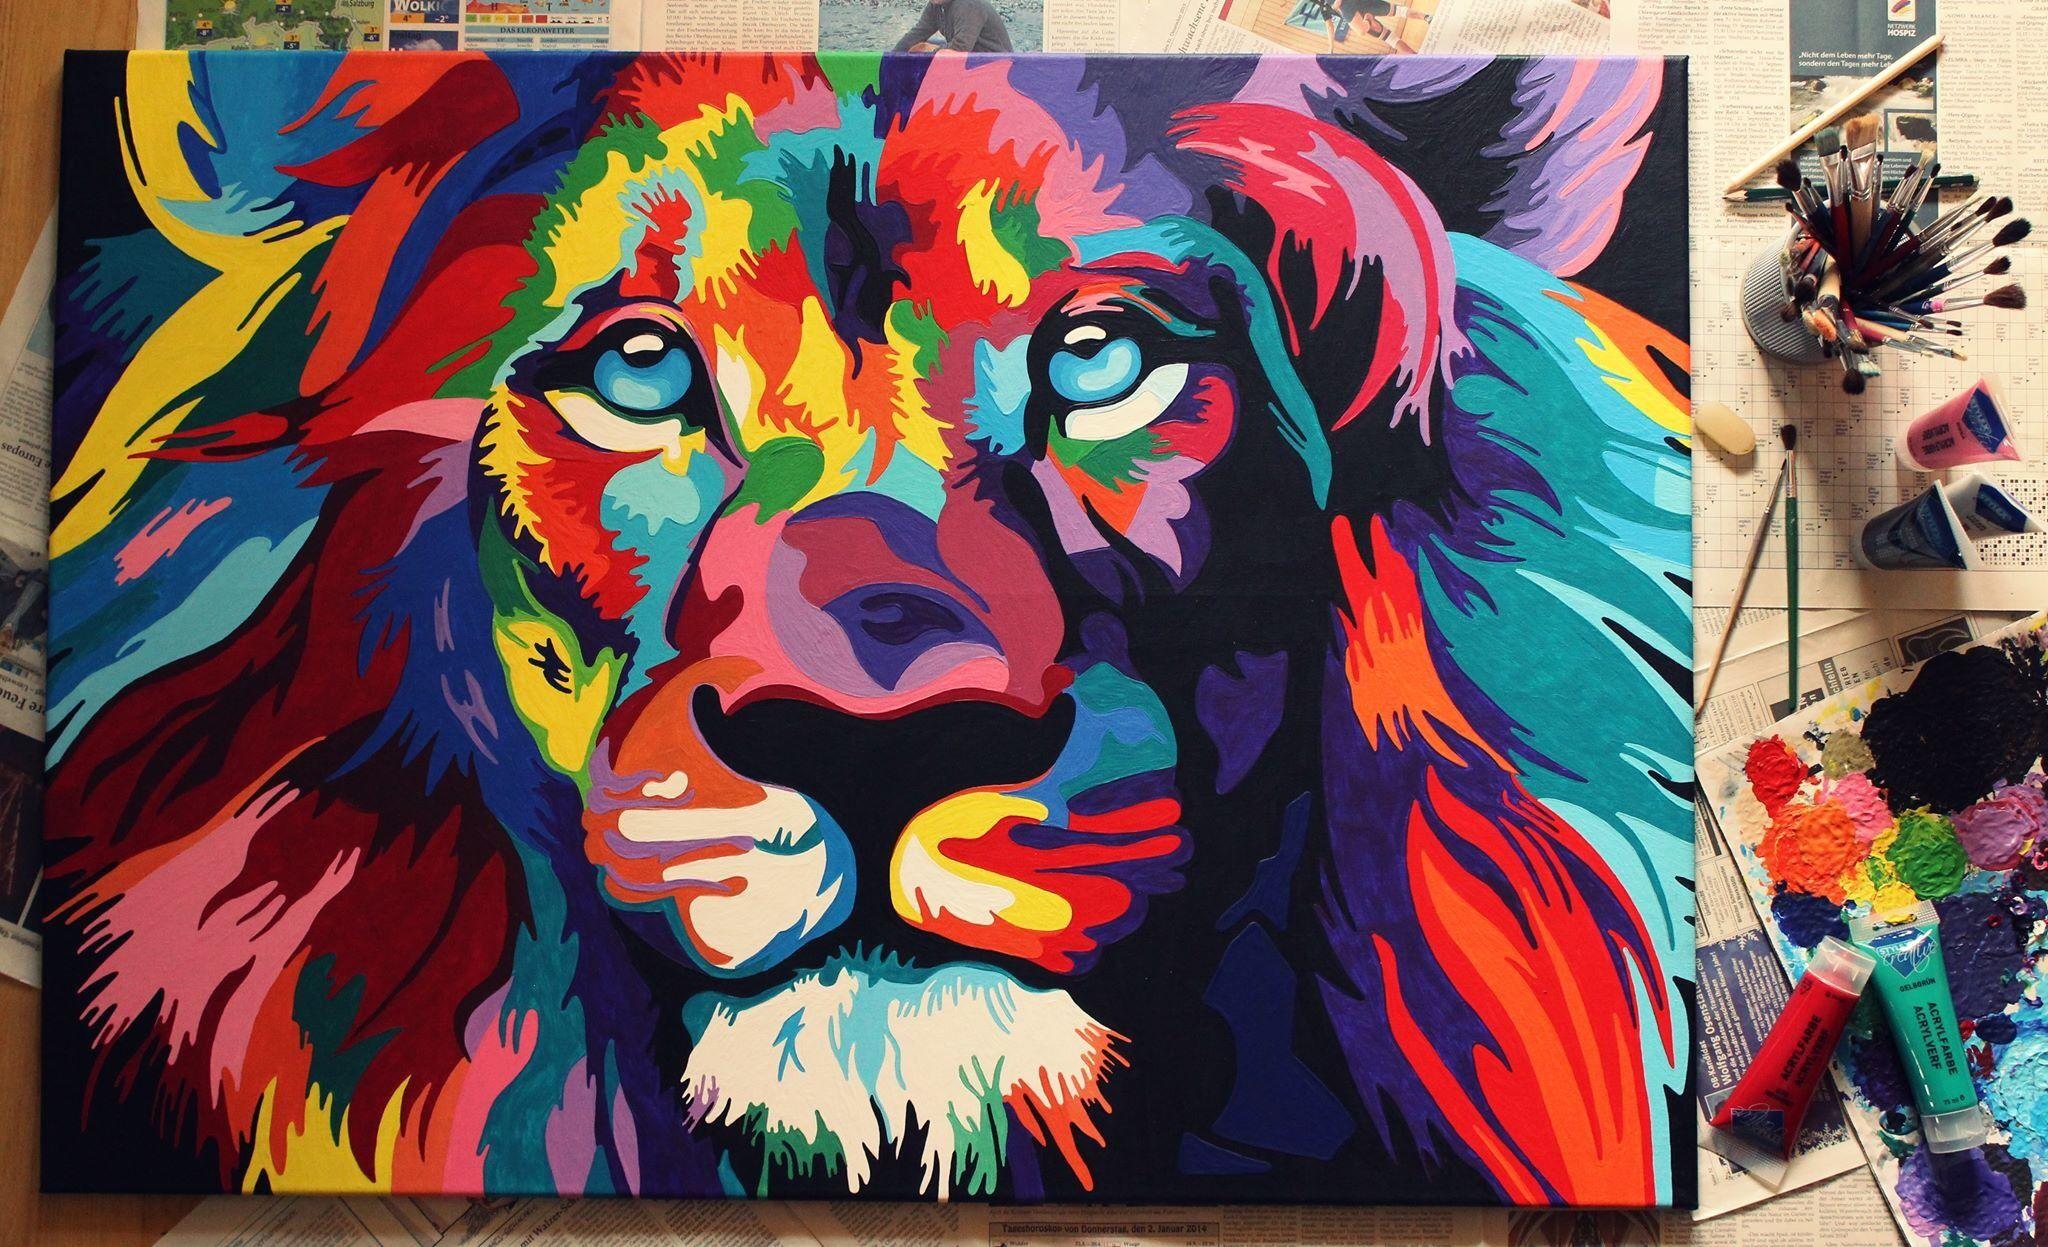 Malen Mit Acrylfarben Lowe In Bunt Pinsel Leinwand 100cm X 70cm